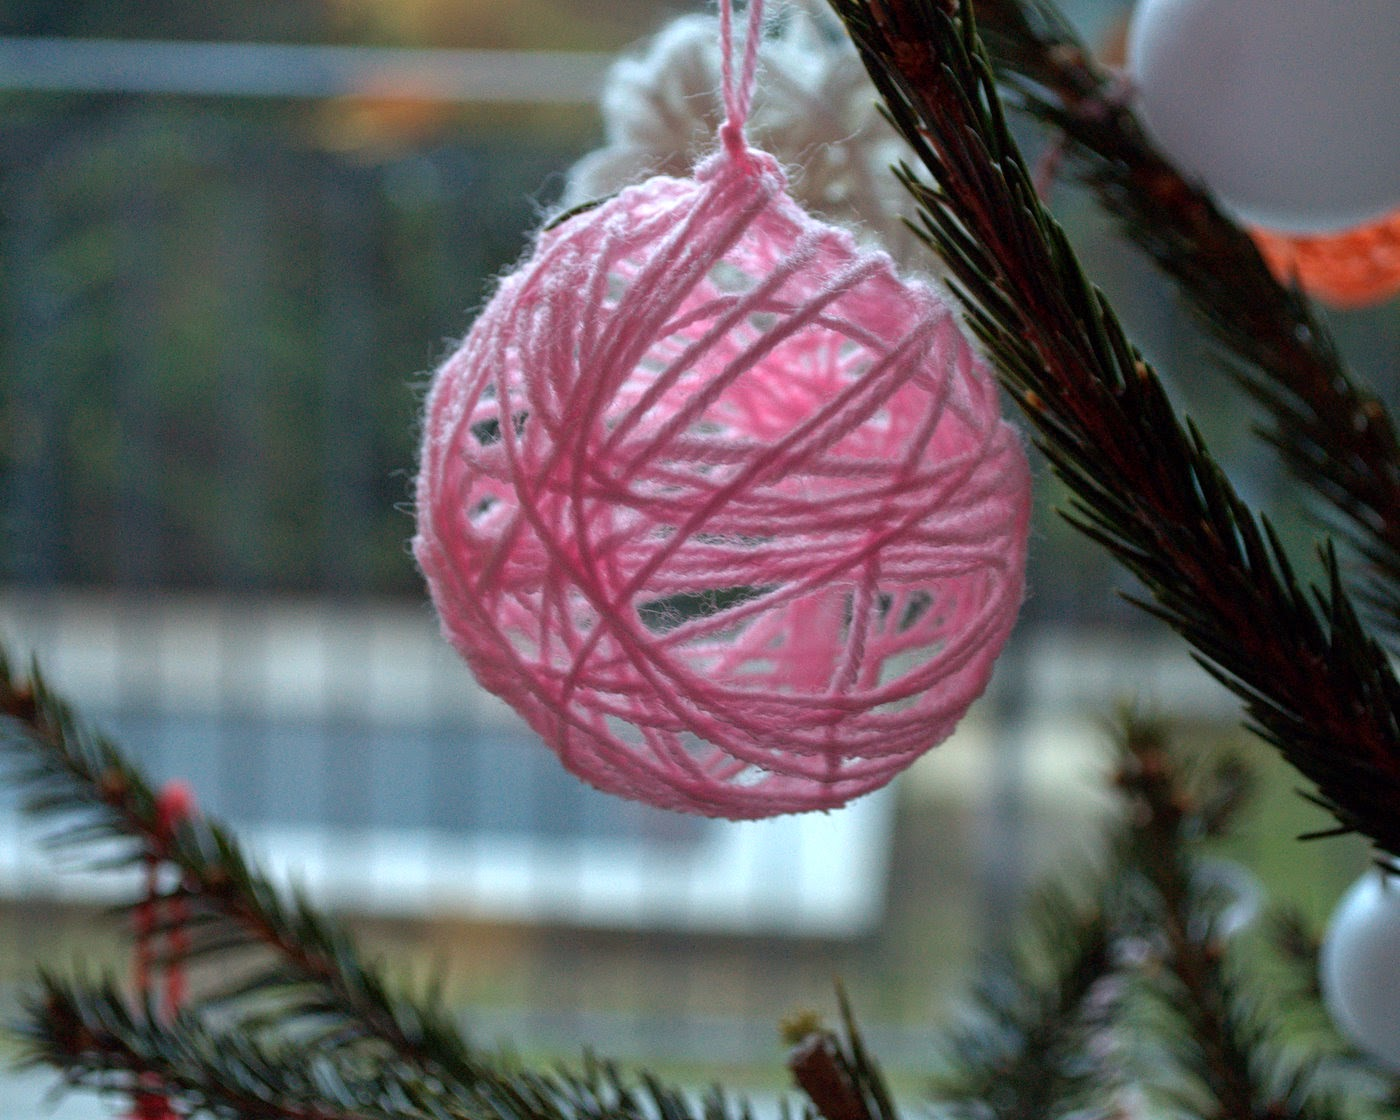 Fatto in casa come fare le palline di lana per addobbare l 39 albero di natale - Addobbare le finestre per natale ...